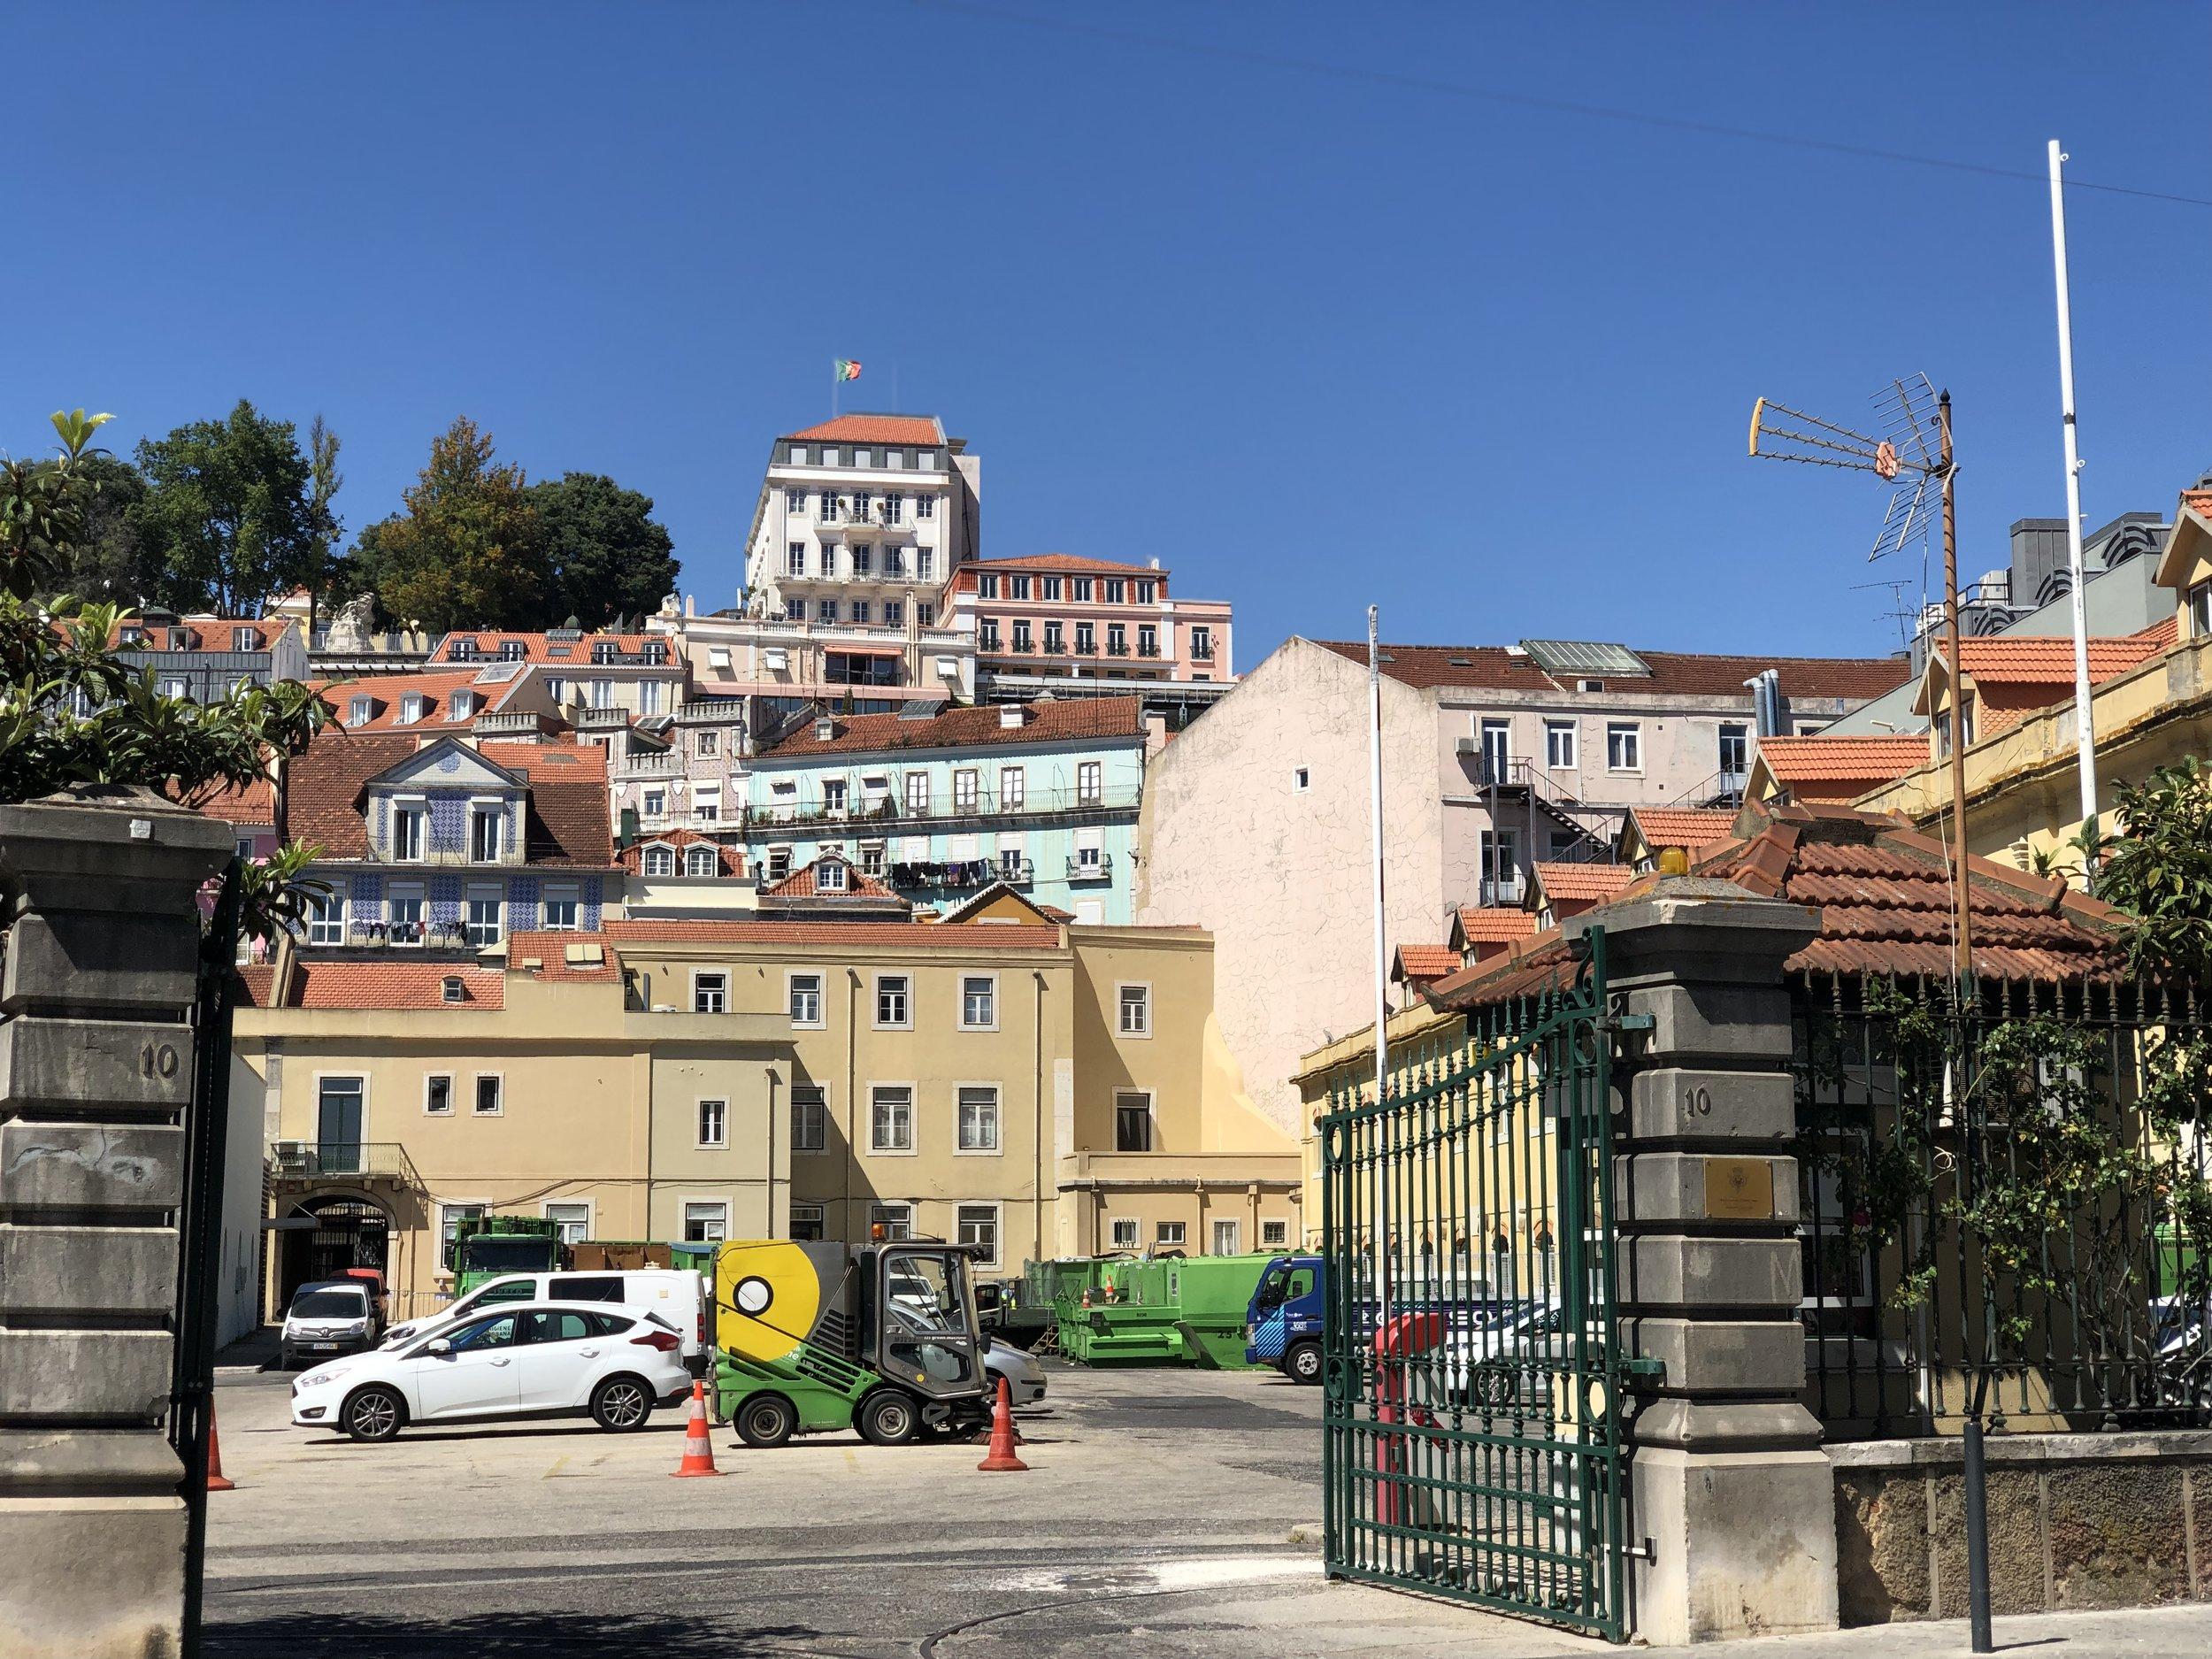 bairro-alto-lisbon-portugal.jpg